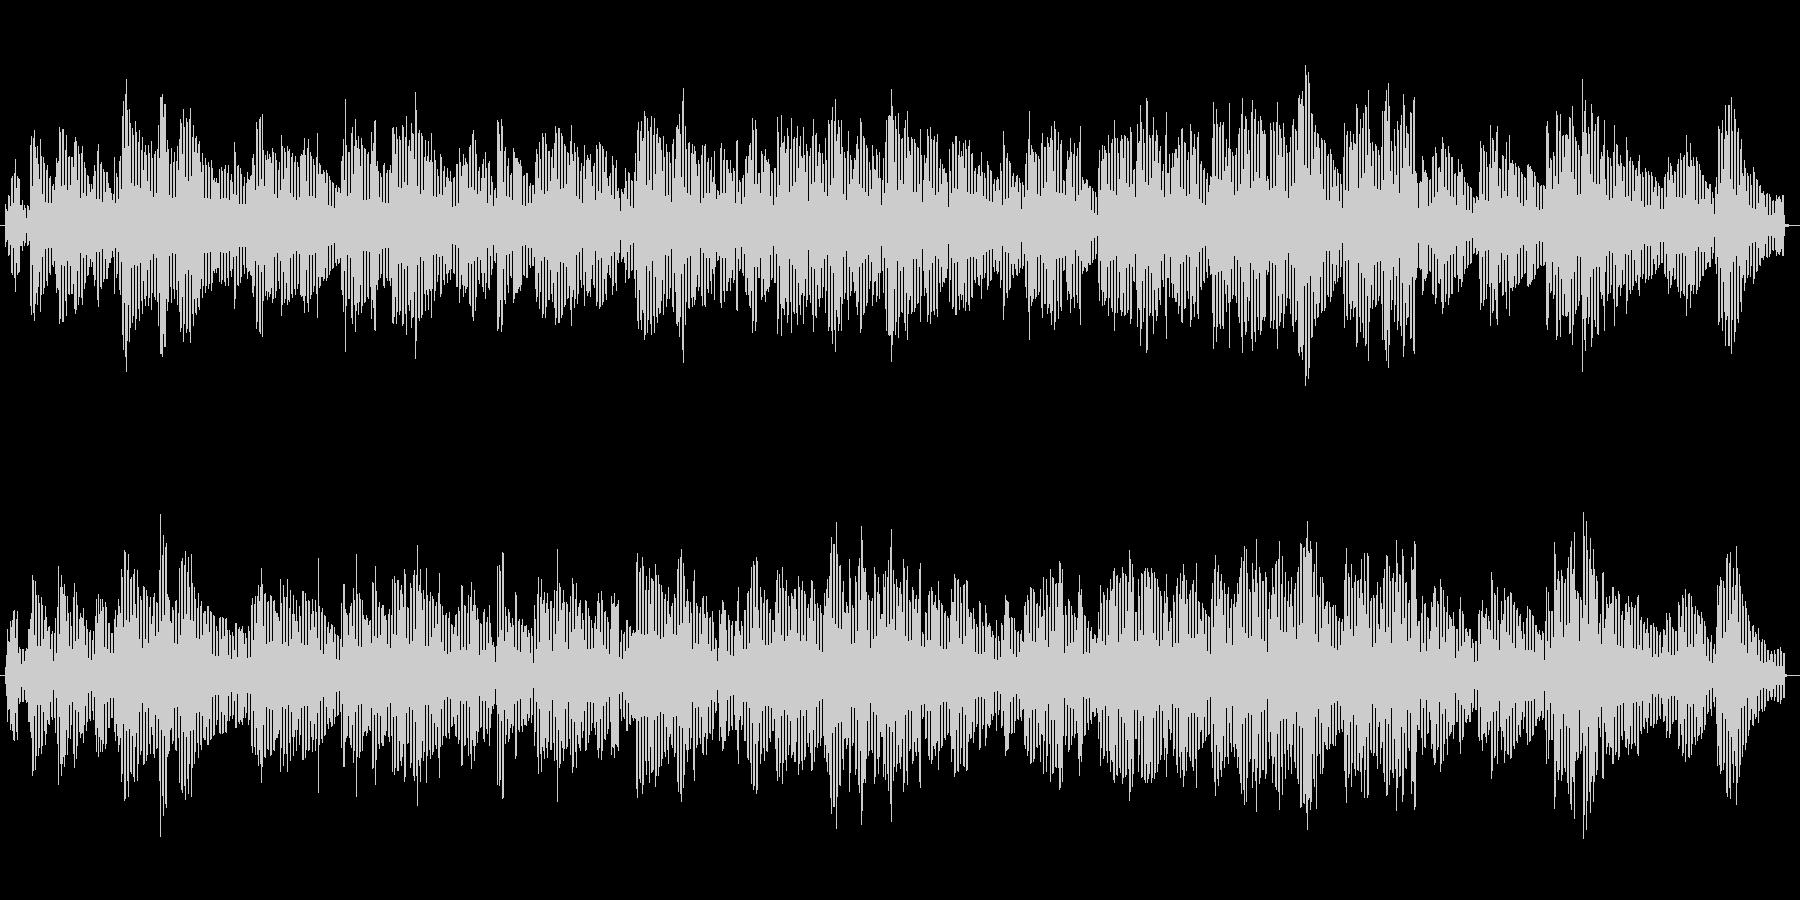 ローズピアノソロによる夜の雰囲気BGMの未再生の波形